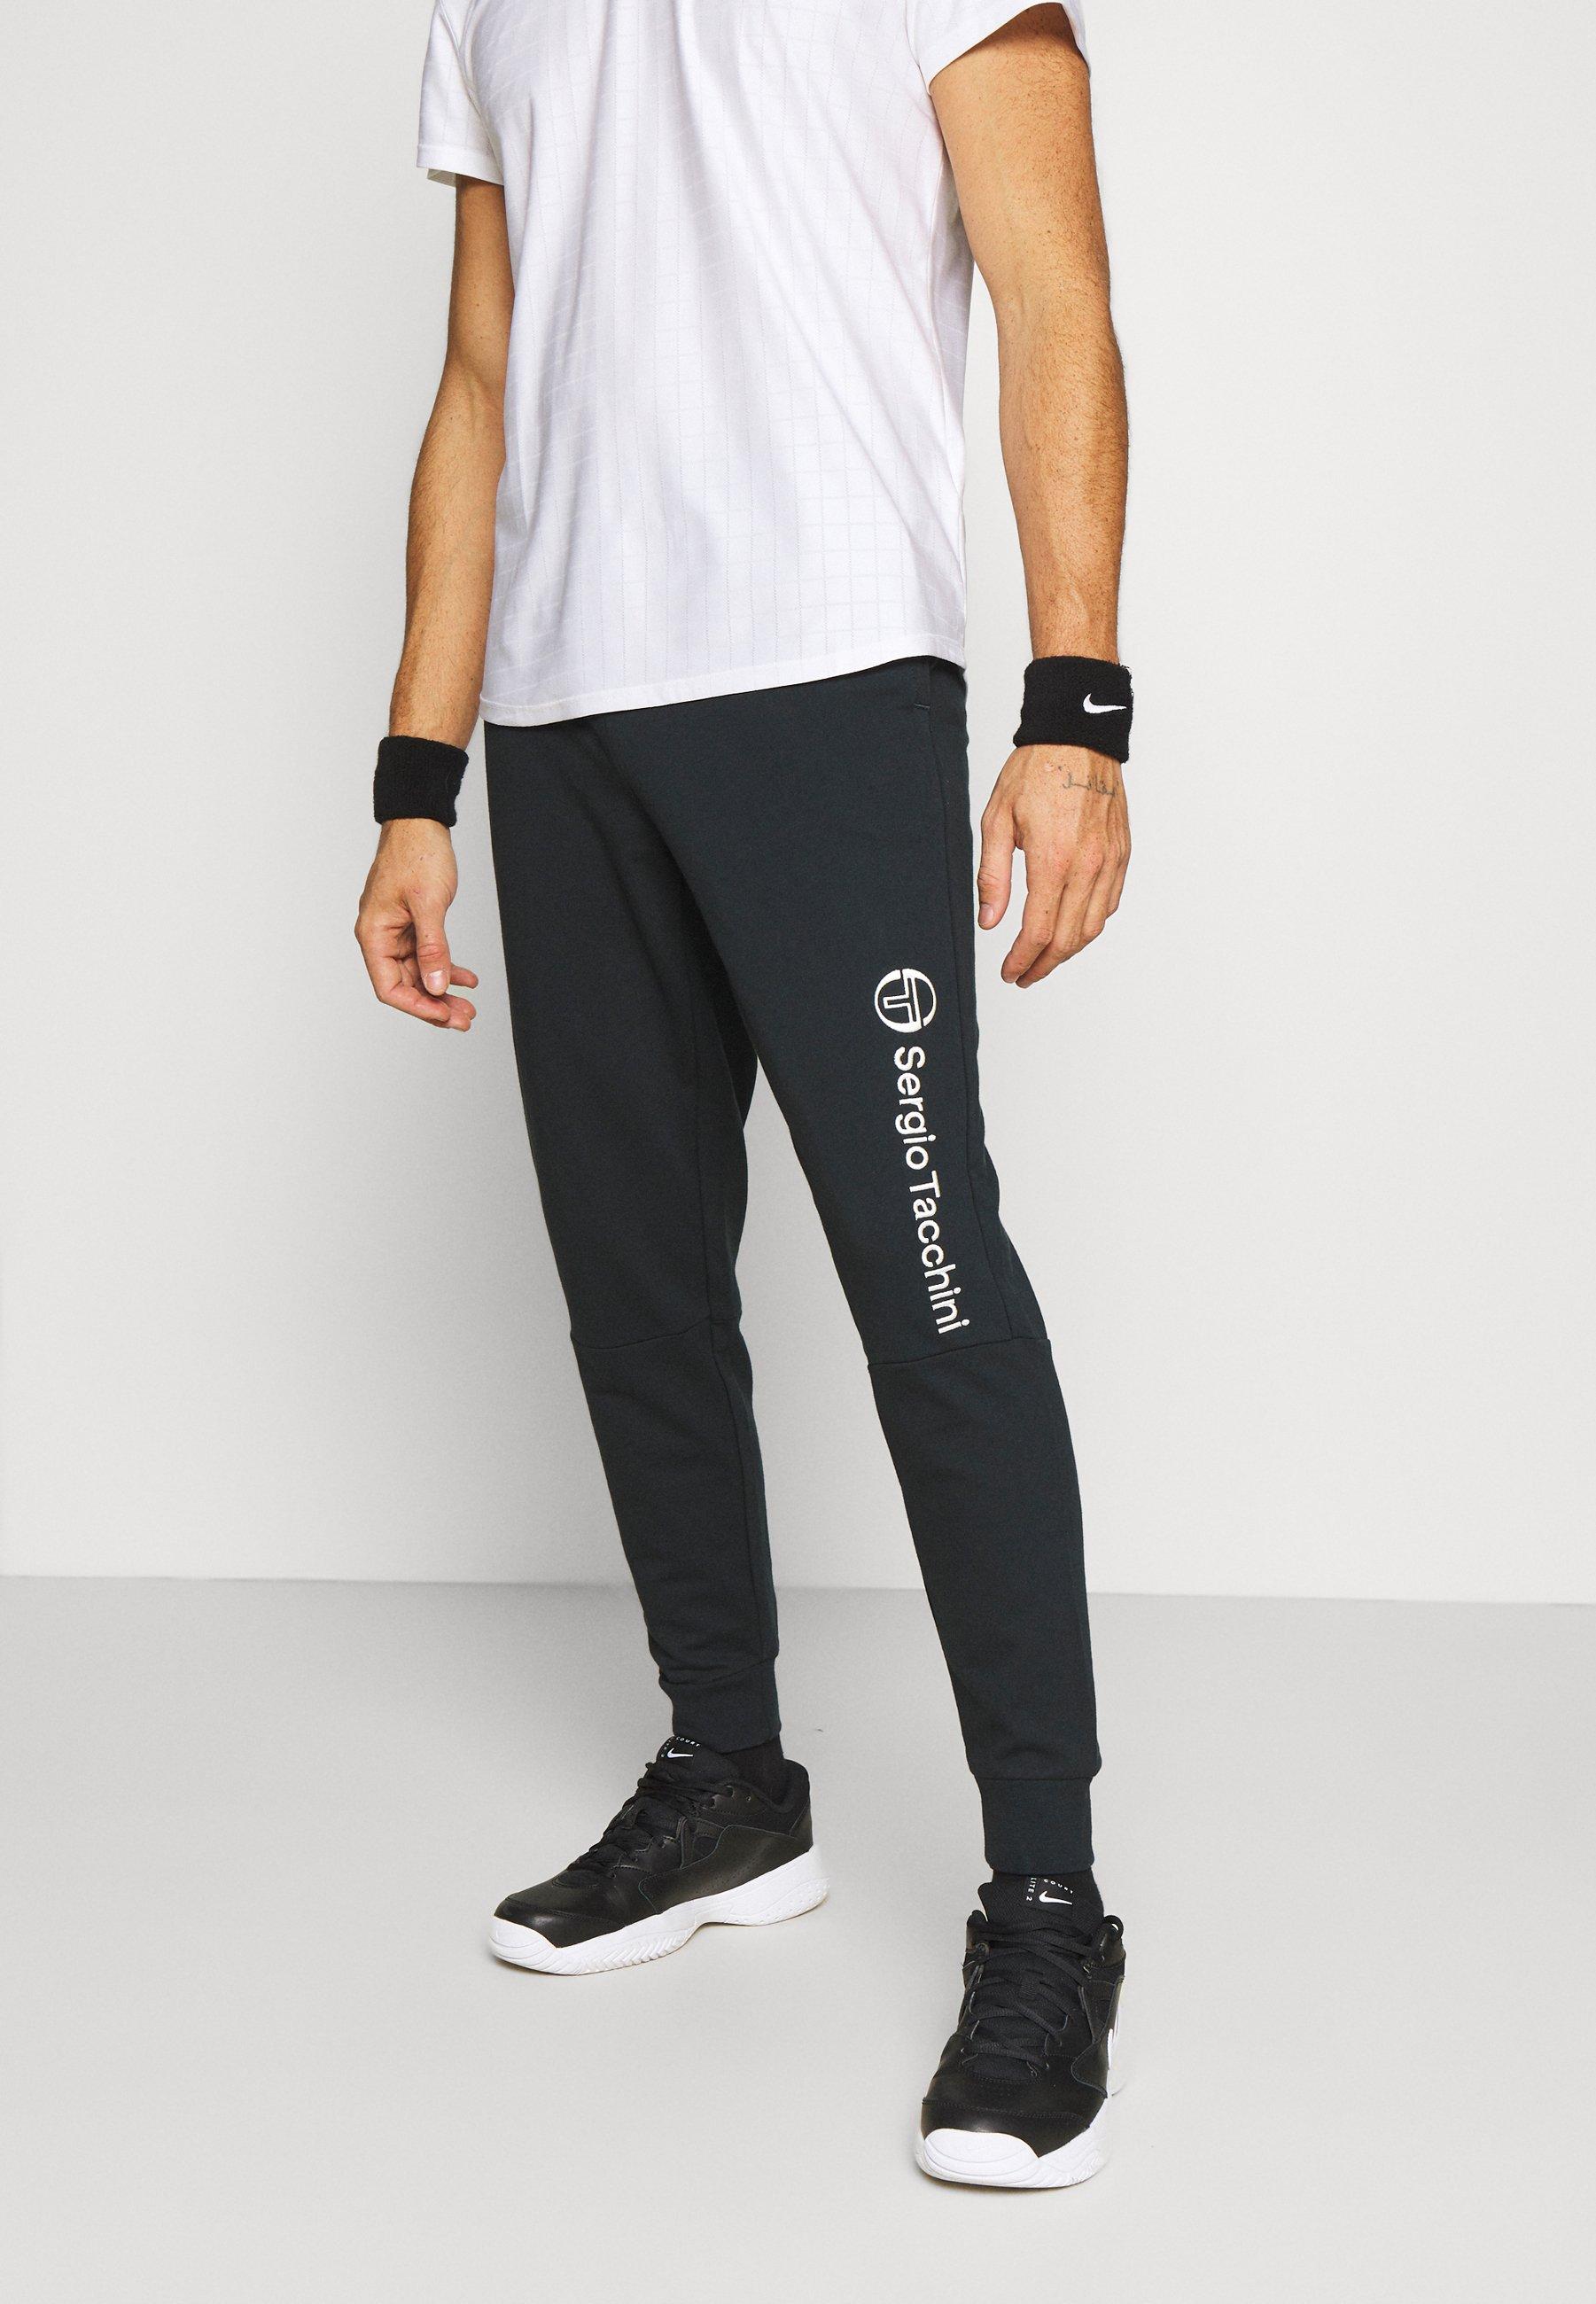 Homme ALMERS PANT - Pantalon de survêtement